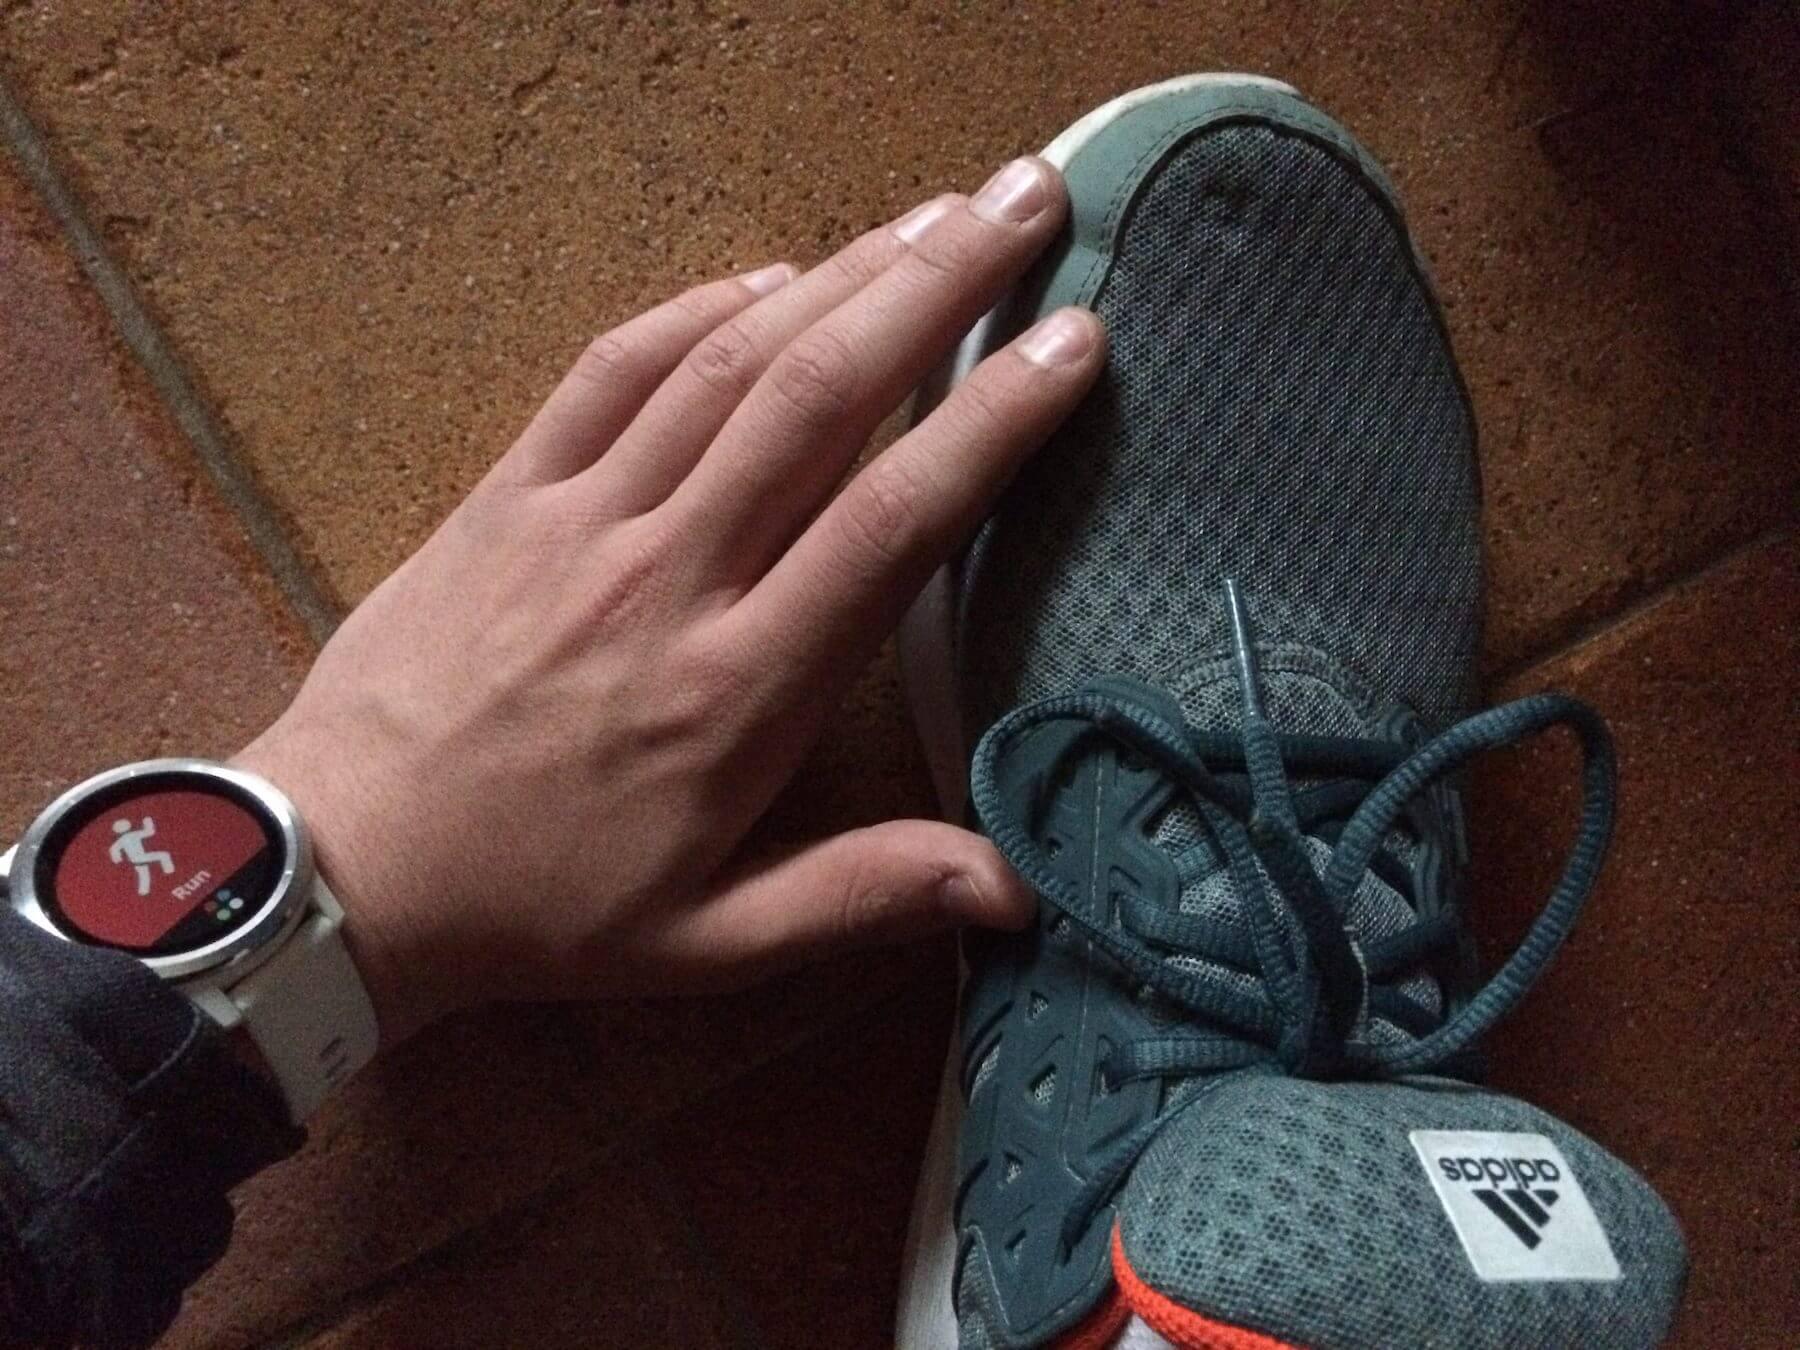 vívoactive 3, garmin, futás, aktivitásmérés, futás elemzés, futás statisztika készítés